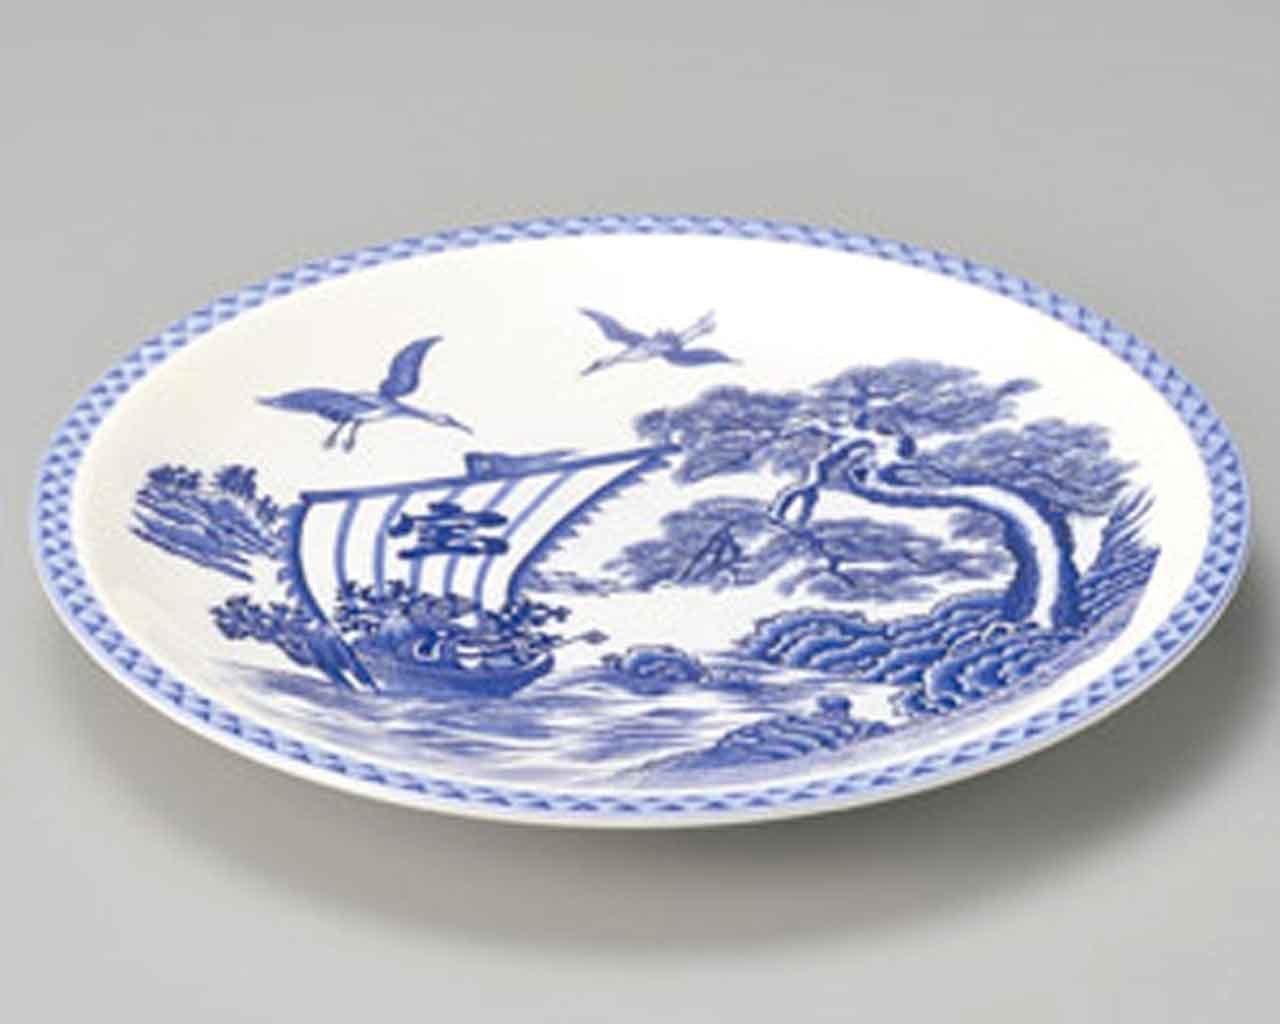 Teller Takarabune 32cm Sushiteller White Ceramic Japanisch traditionell Geschirr, Besteck & Gläser